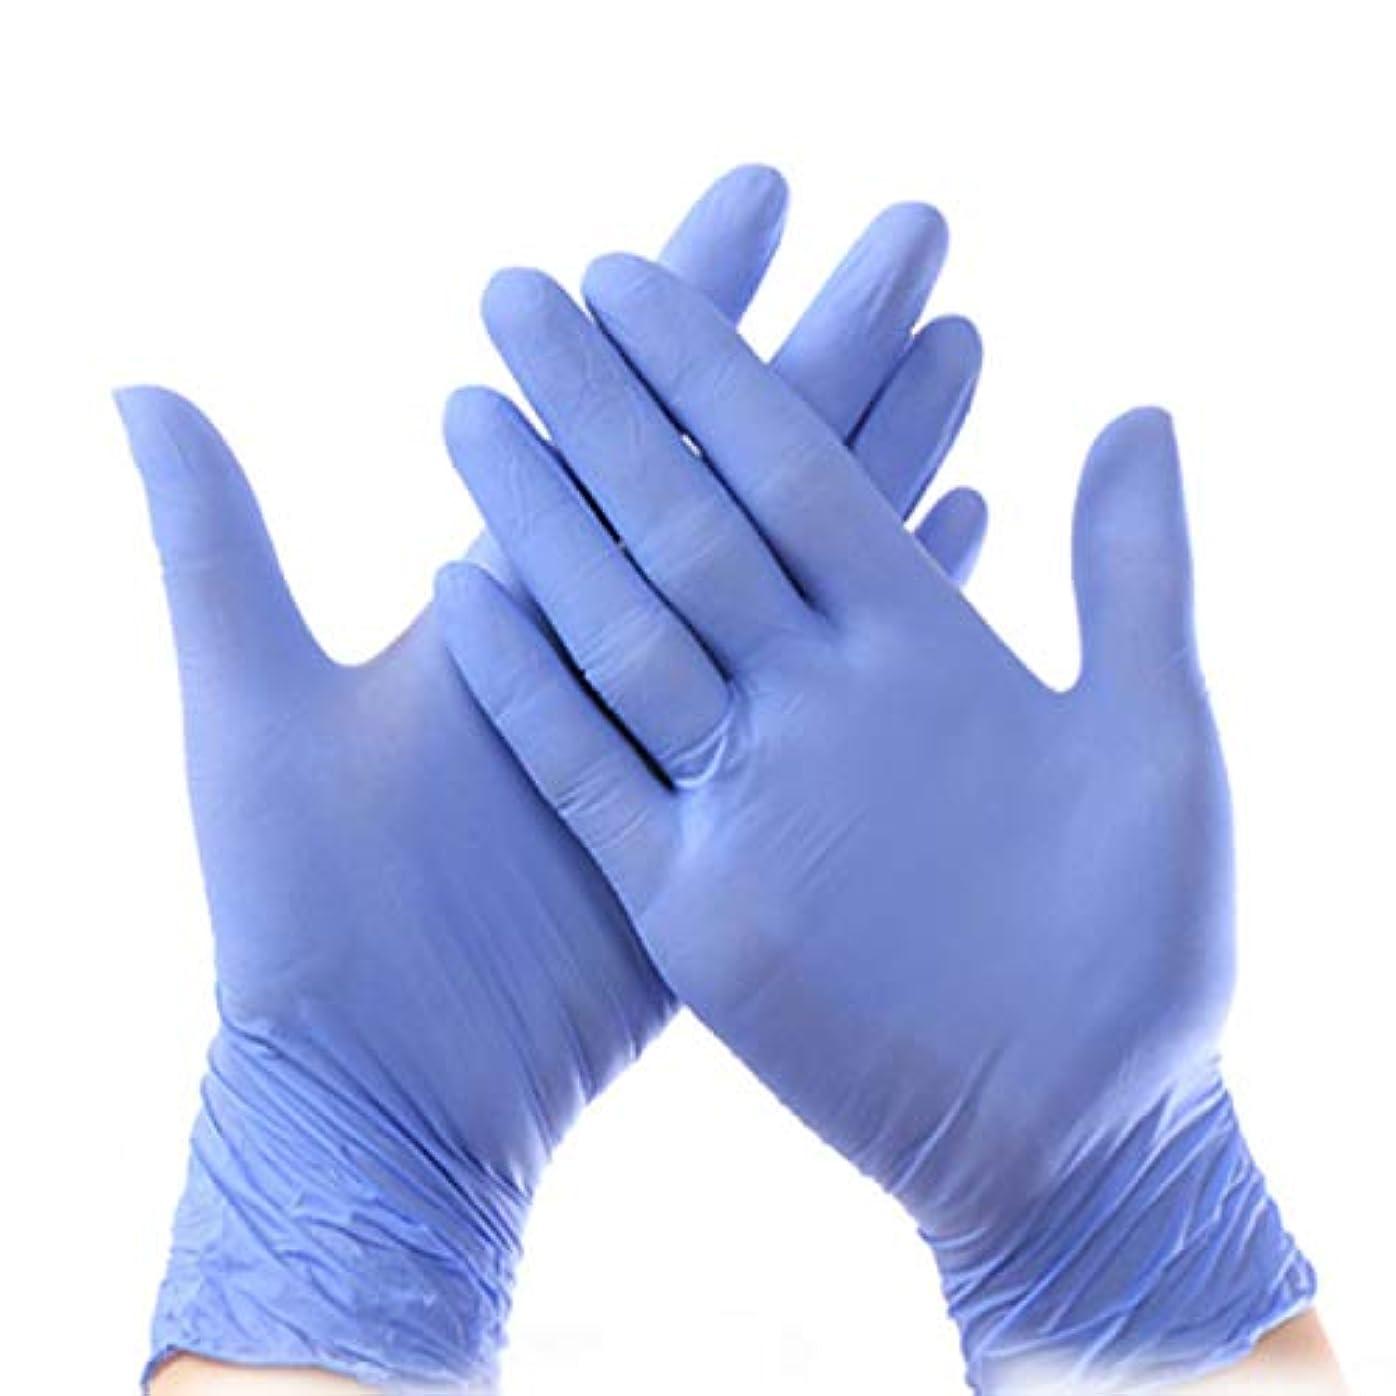 怖がらせるメンバーヨーグルト使い捨て手袋 ニトリル工業用手袋、パウダーフリー、使い捨て食品安全、パープル、ラテックスフリー、100個入り ニトリルゴム手袋 (Color : Purple, Size : S)